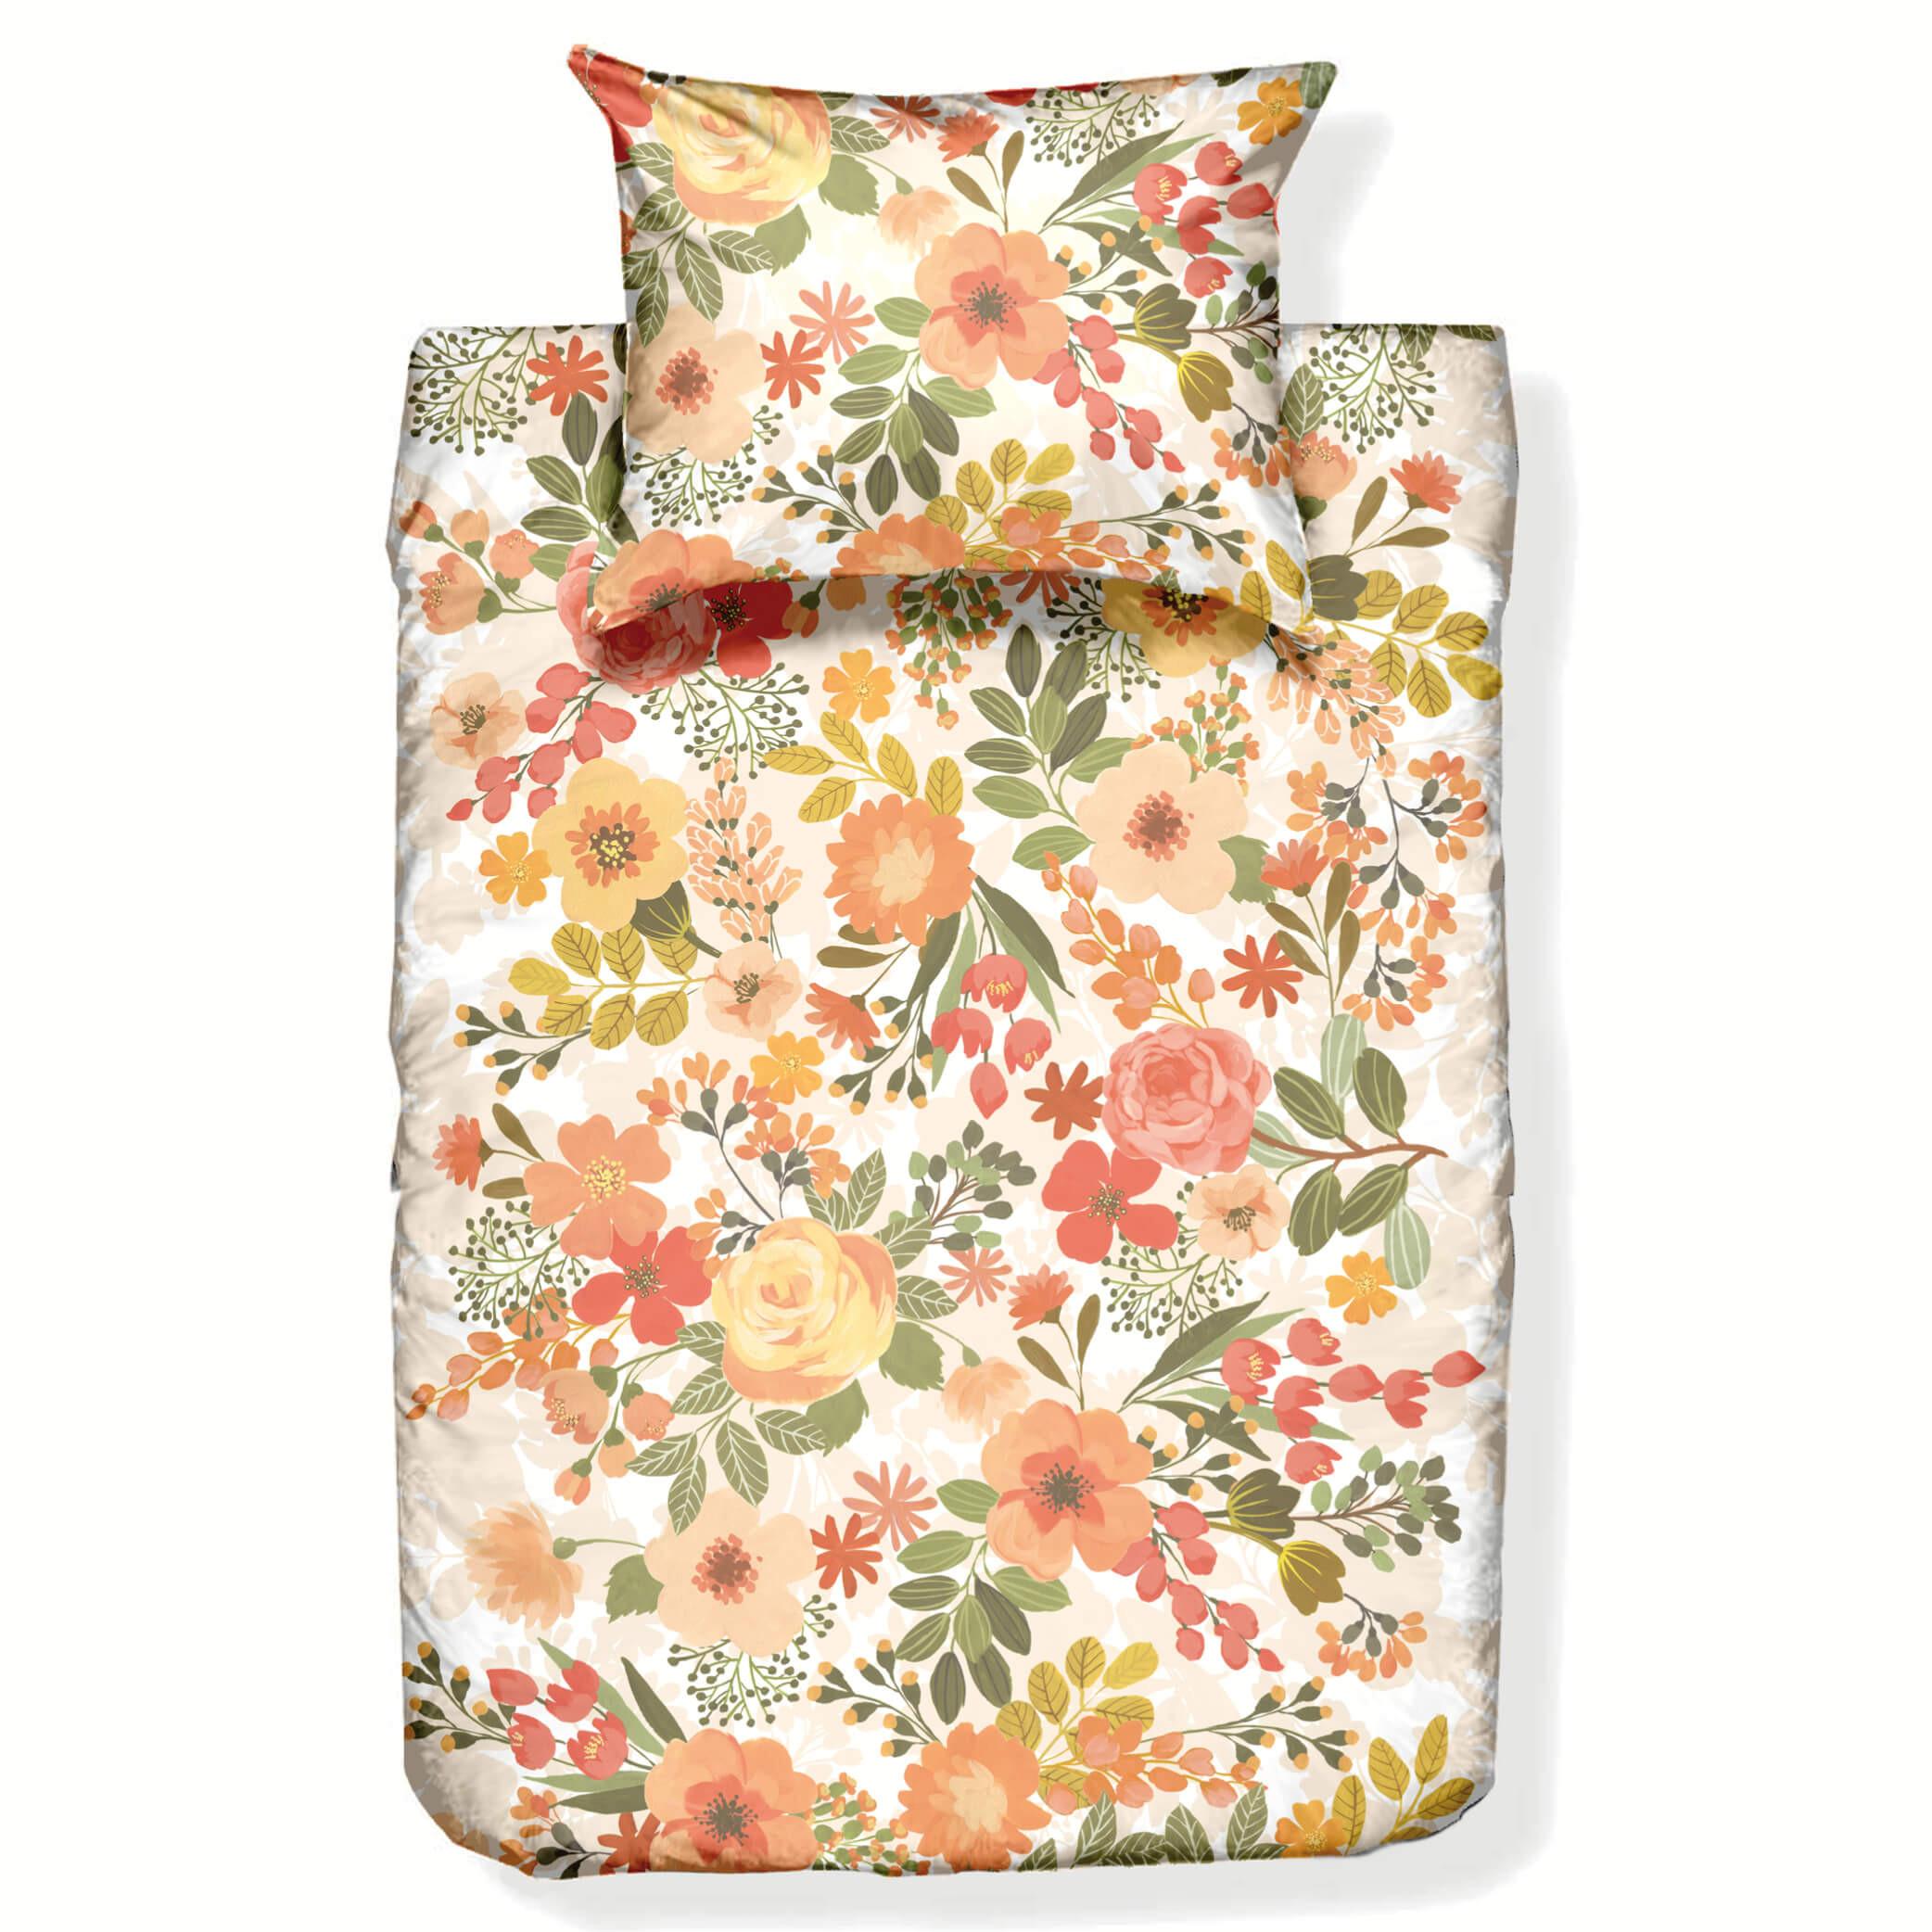 Bettwäschegarnitur OLGA aus Baumwollsatin